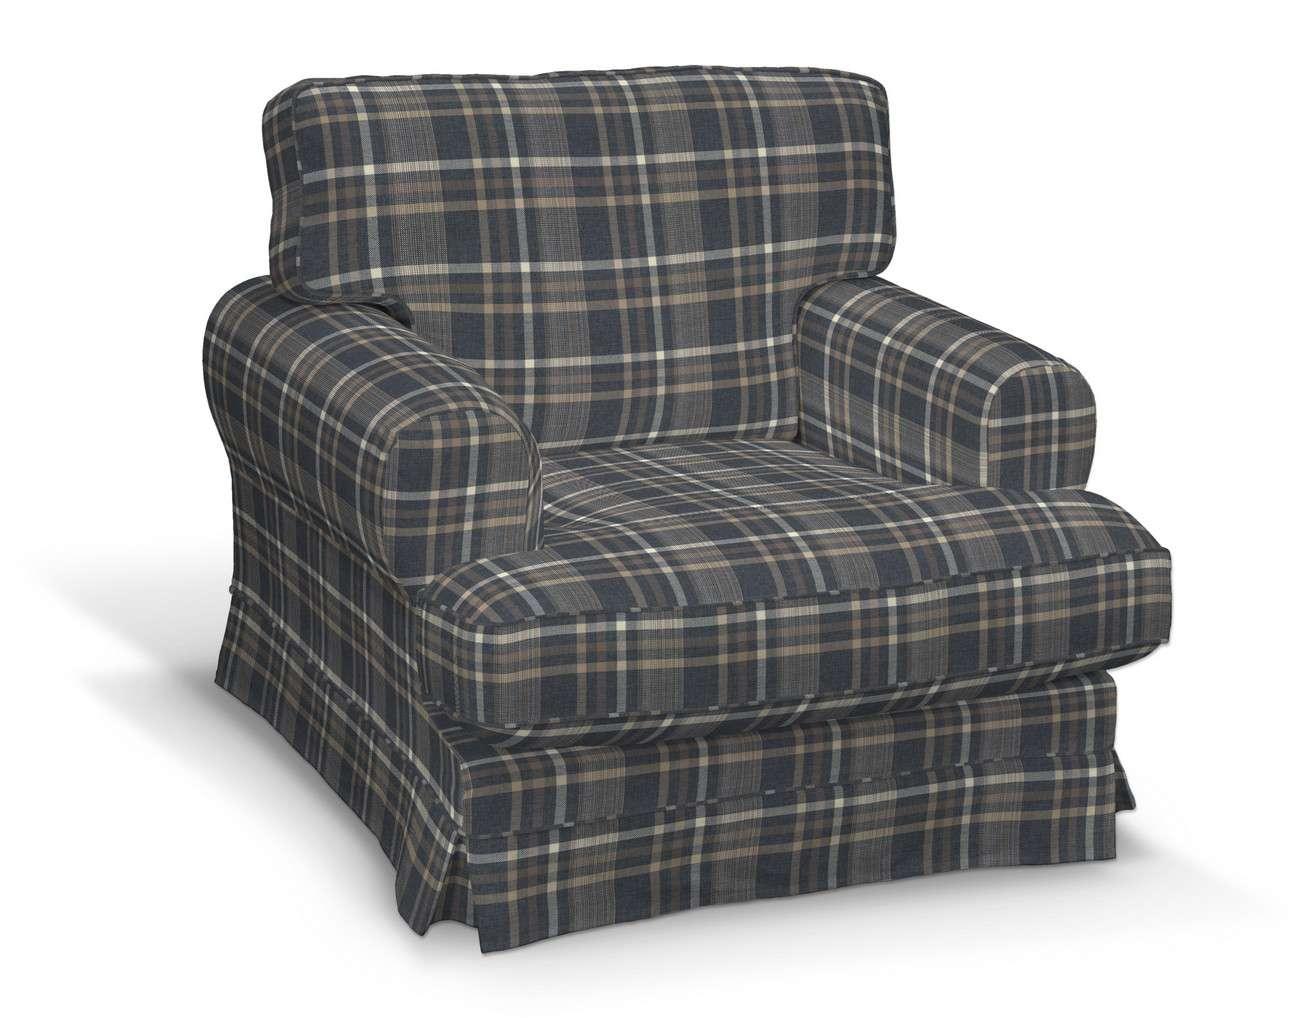 Ekeskog klädsel Fåtölj i kollektionen Edinburgh, Tyg: 703-16